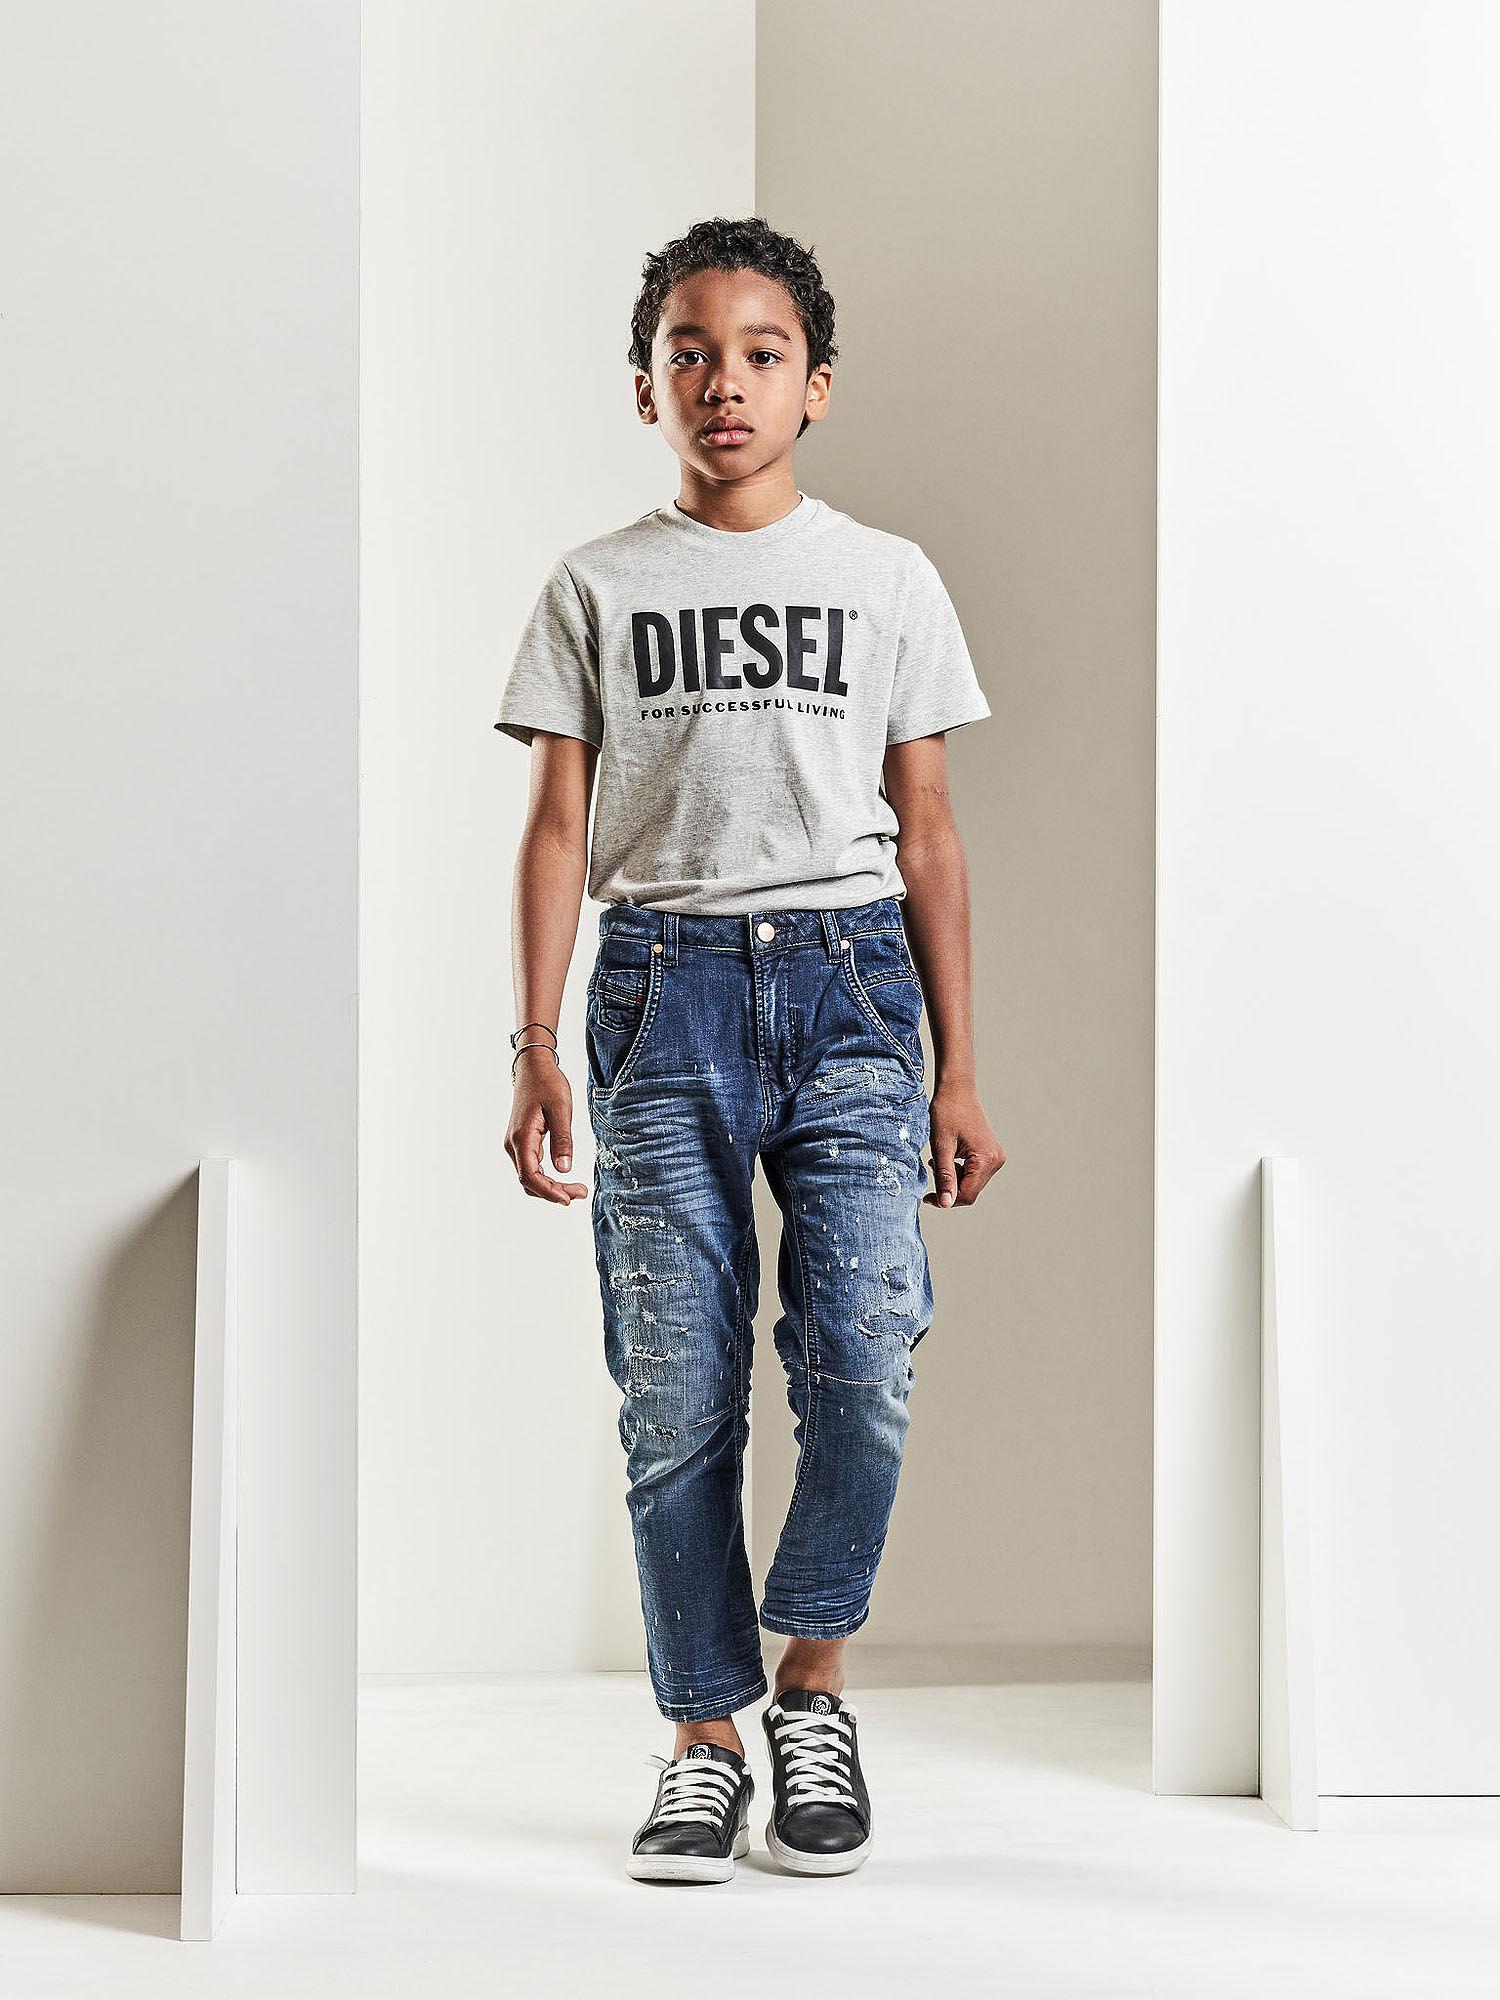 Fayza-J Jjj-N Pantaloni - Diesel Kid